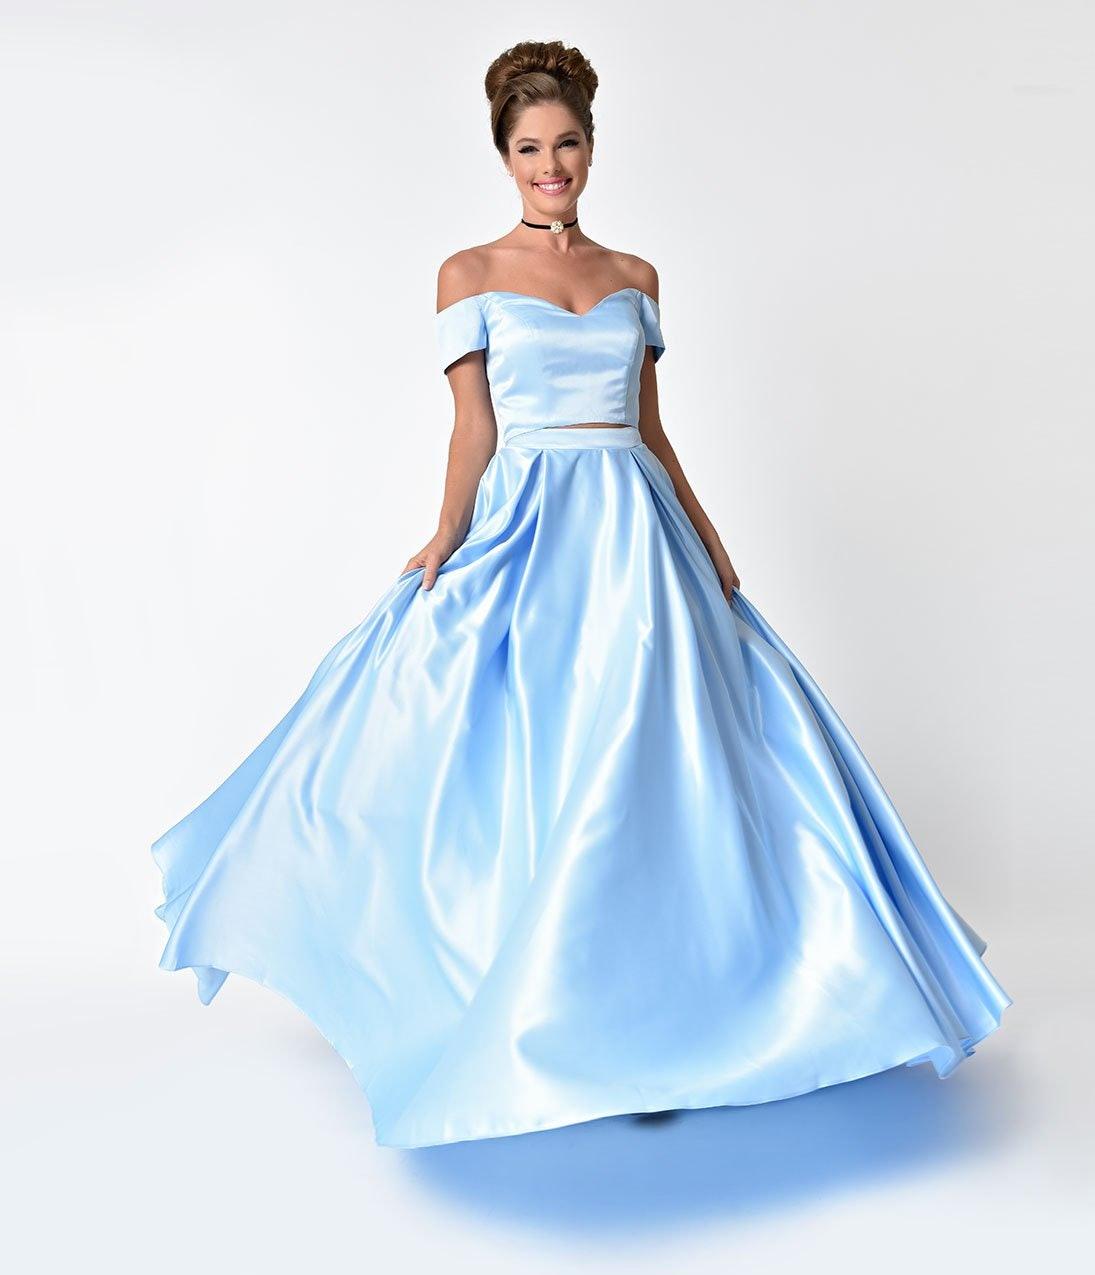 Unique Vintage S Disney Princess Prom Dresses Prove You Don T Need